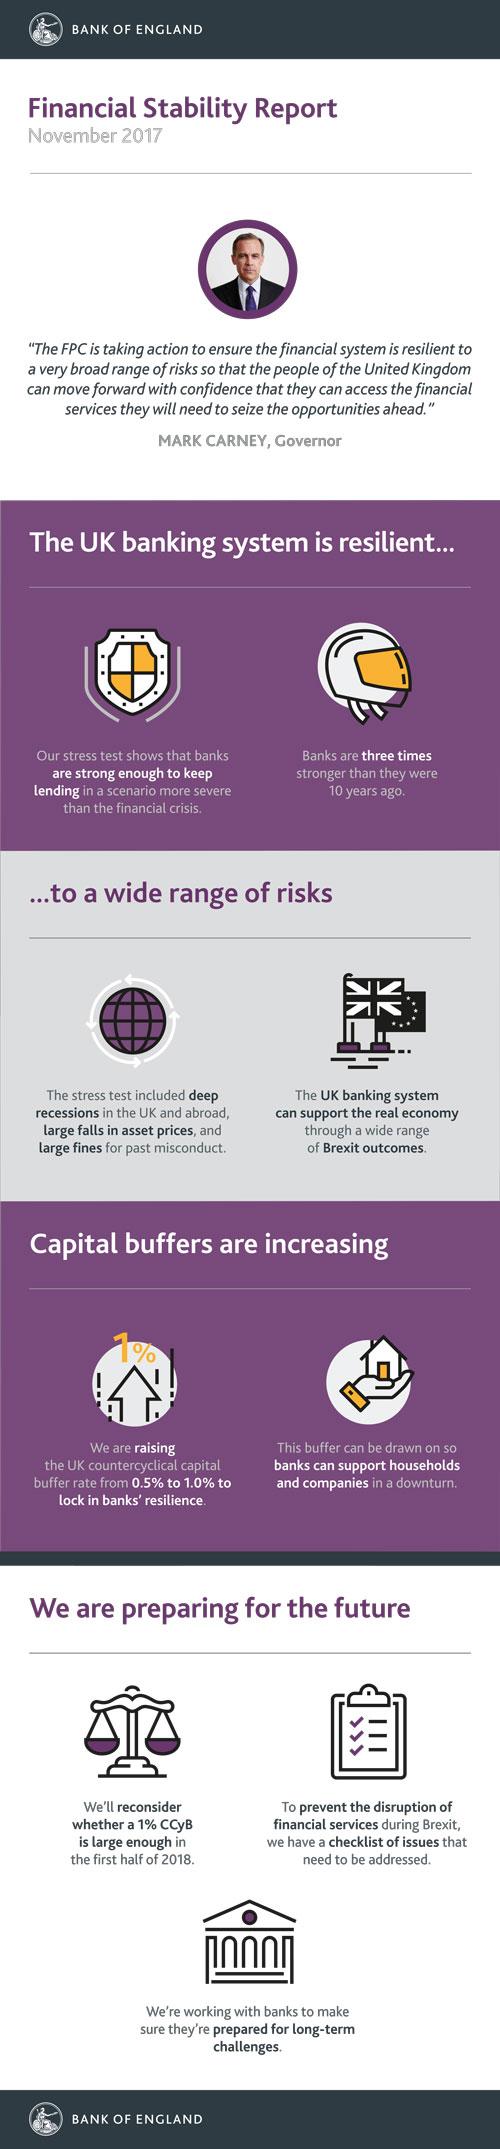 fsr-infographic